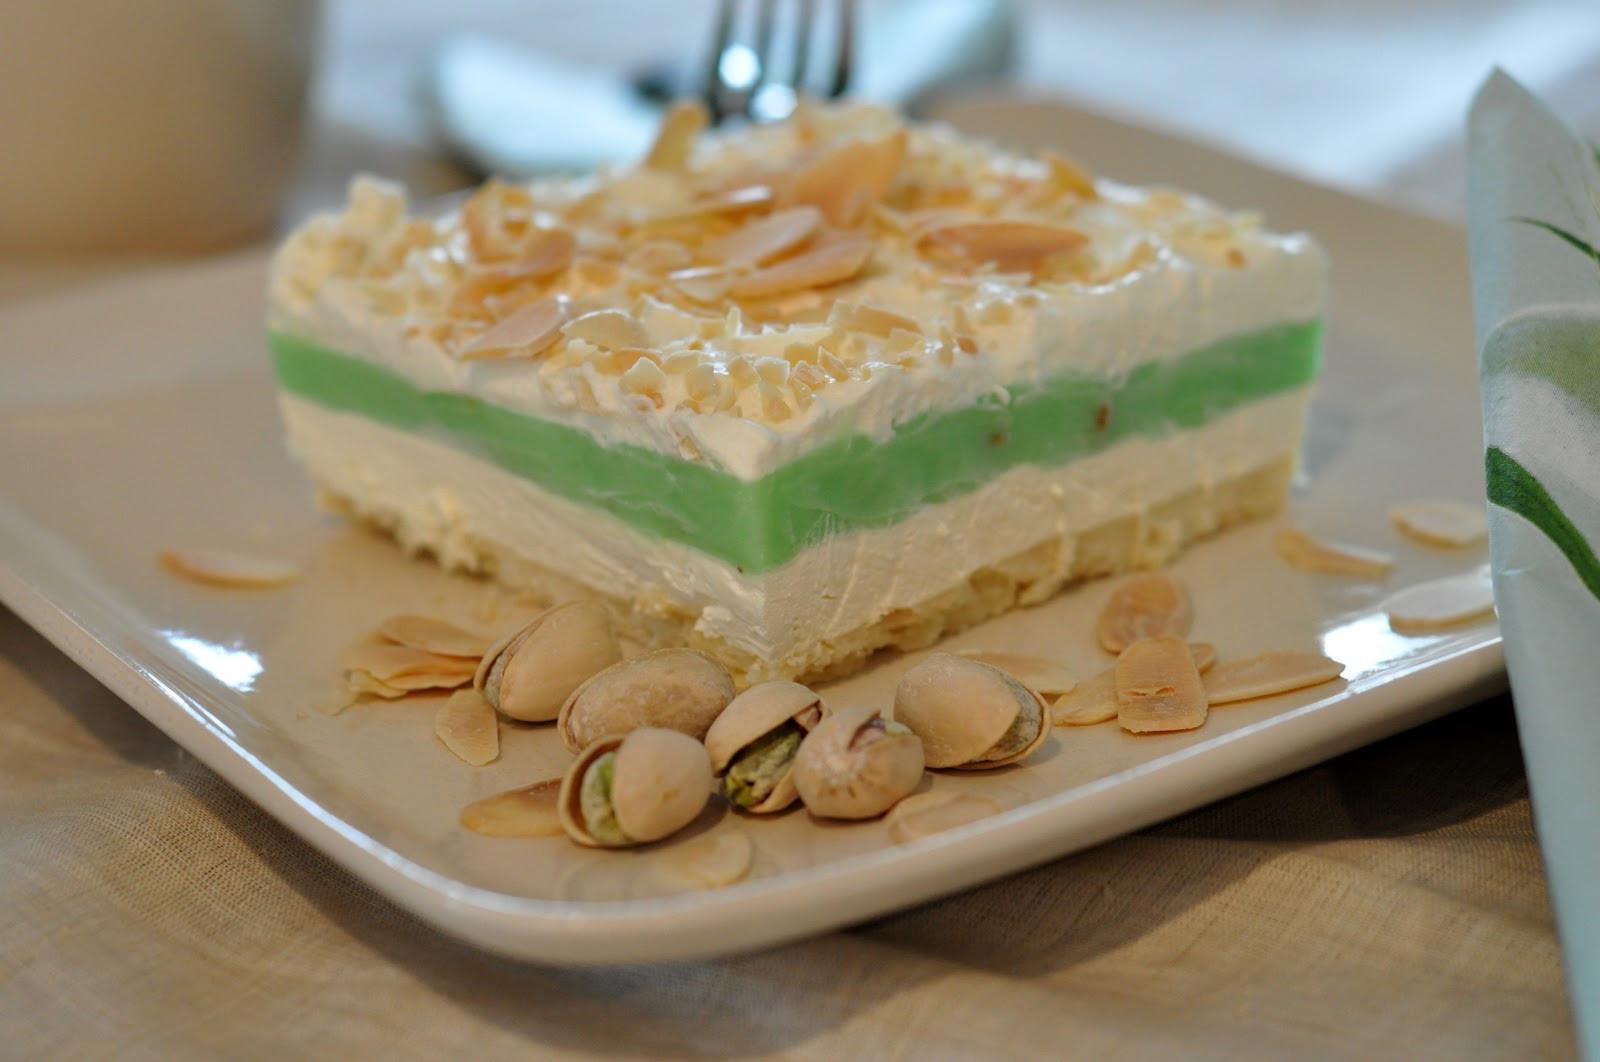 Pistachio Pudding Dessert  Mennonite Girls Can Cook Pistachio Dessert